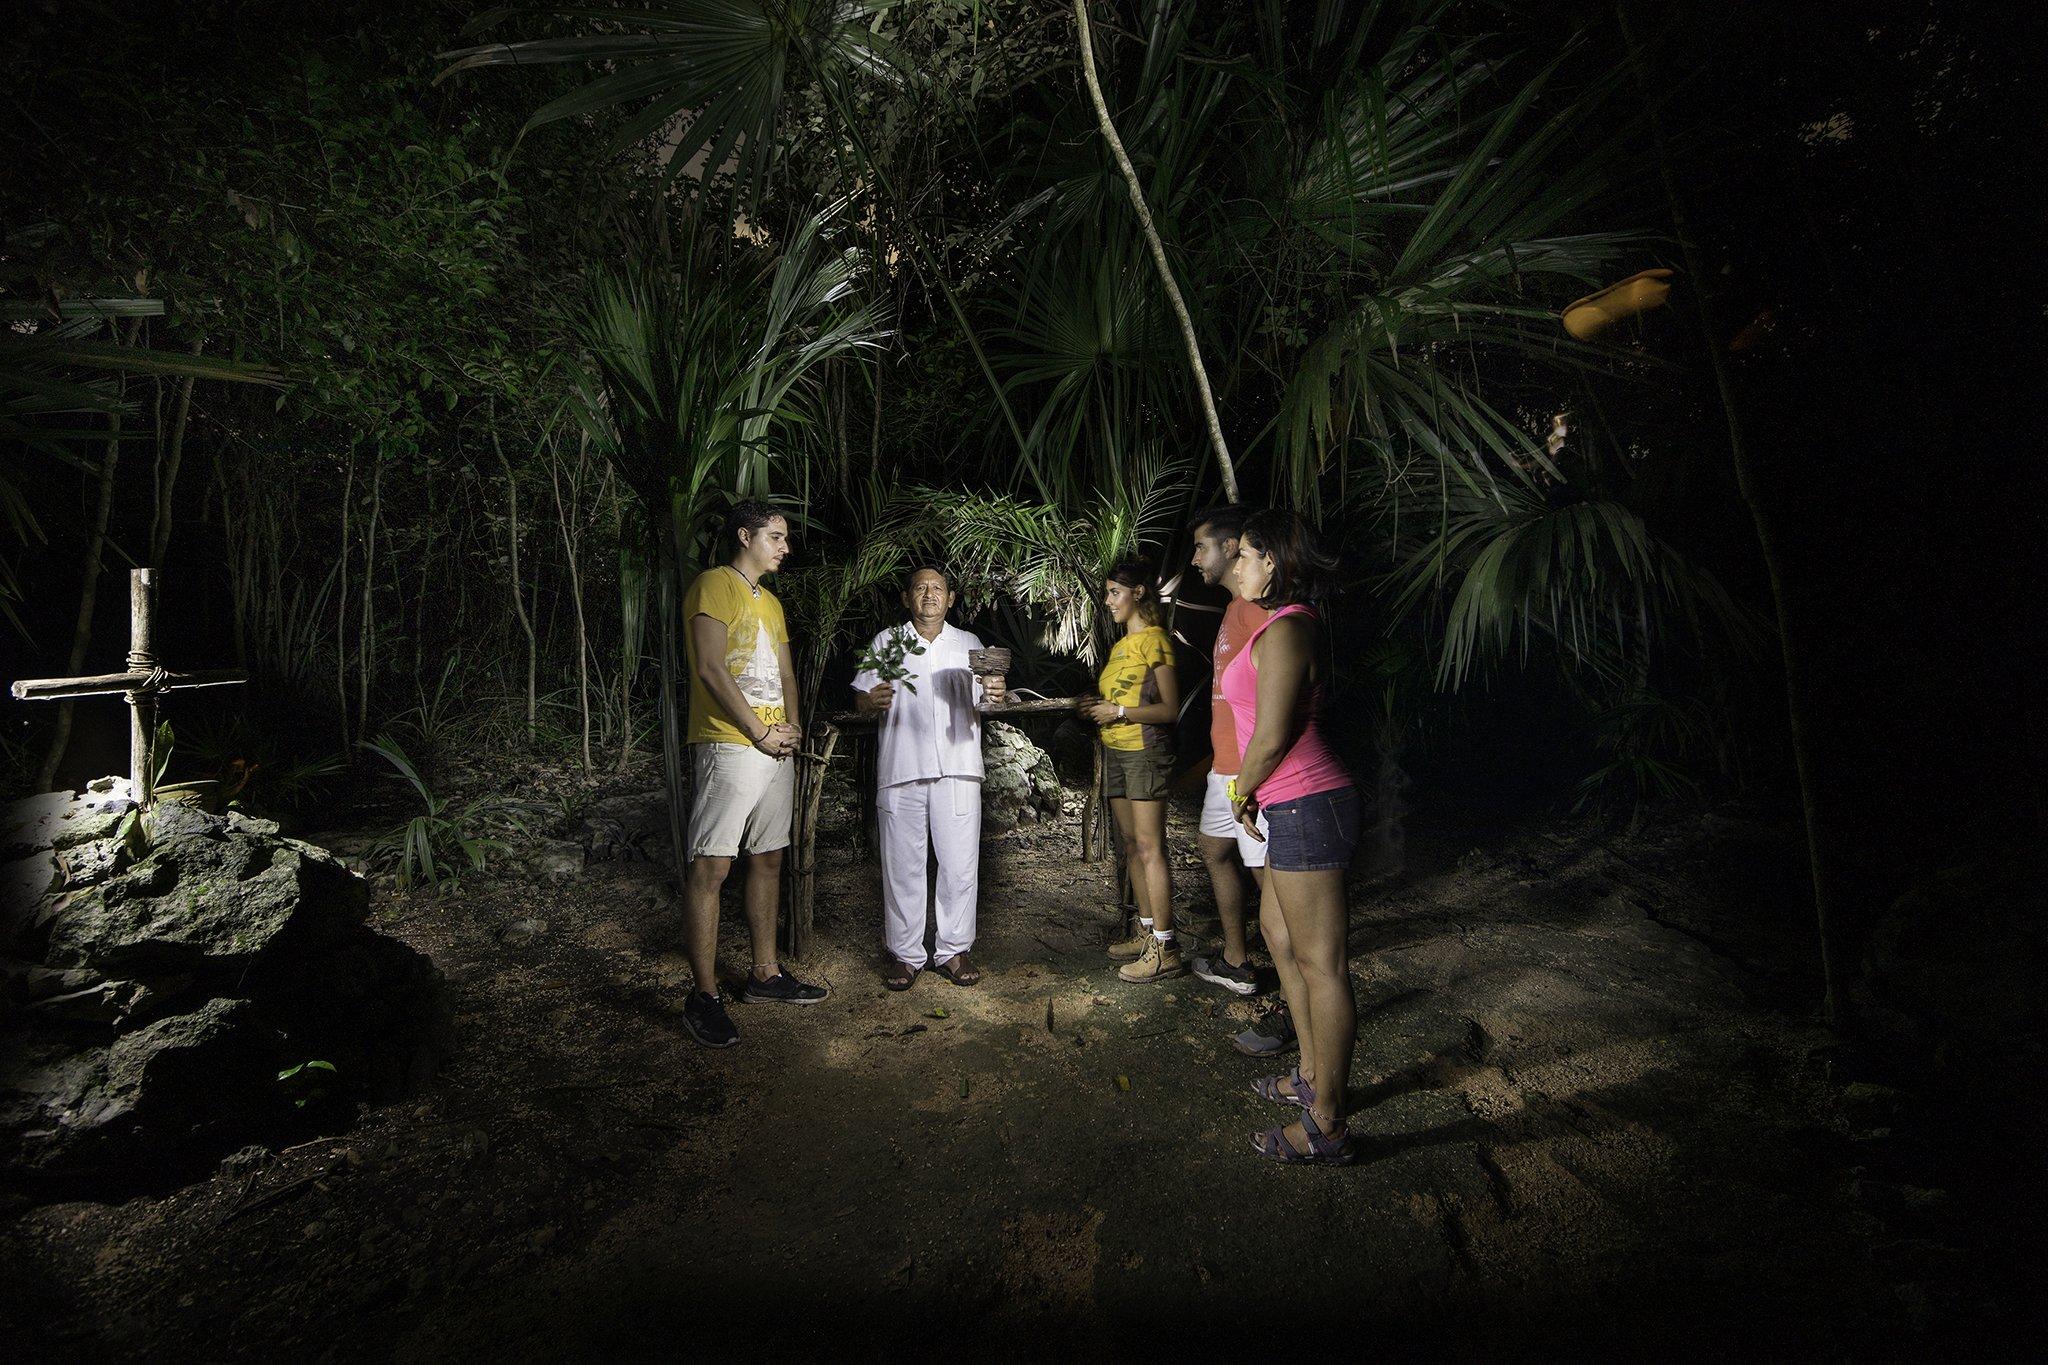 Mayan Jungle Atv Night Tour From The Riviera Maya_54 (3)